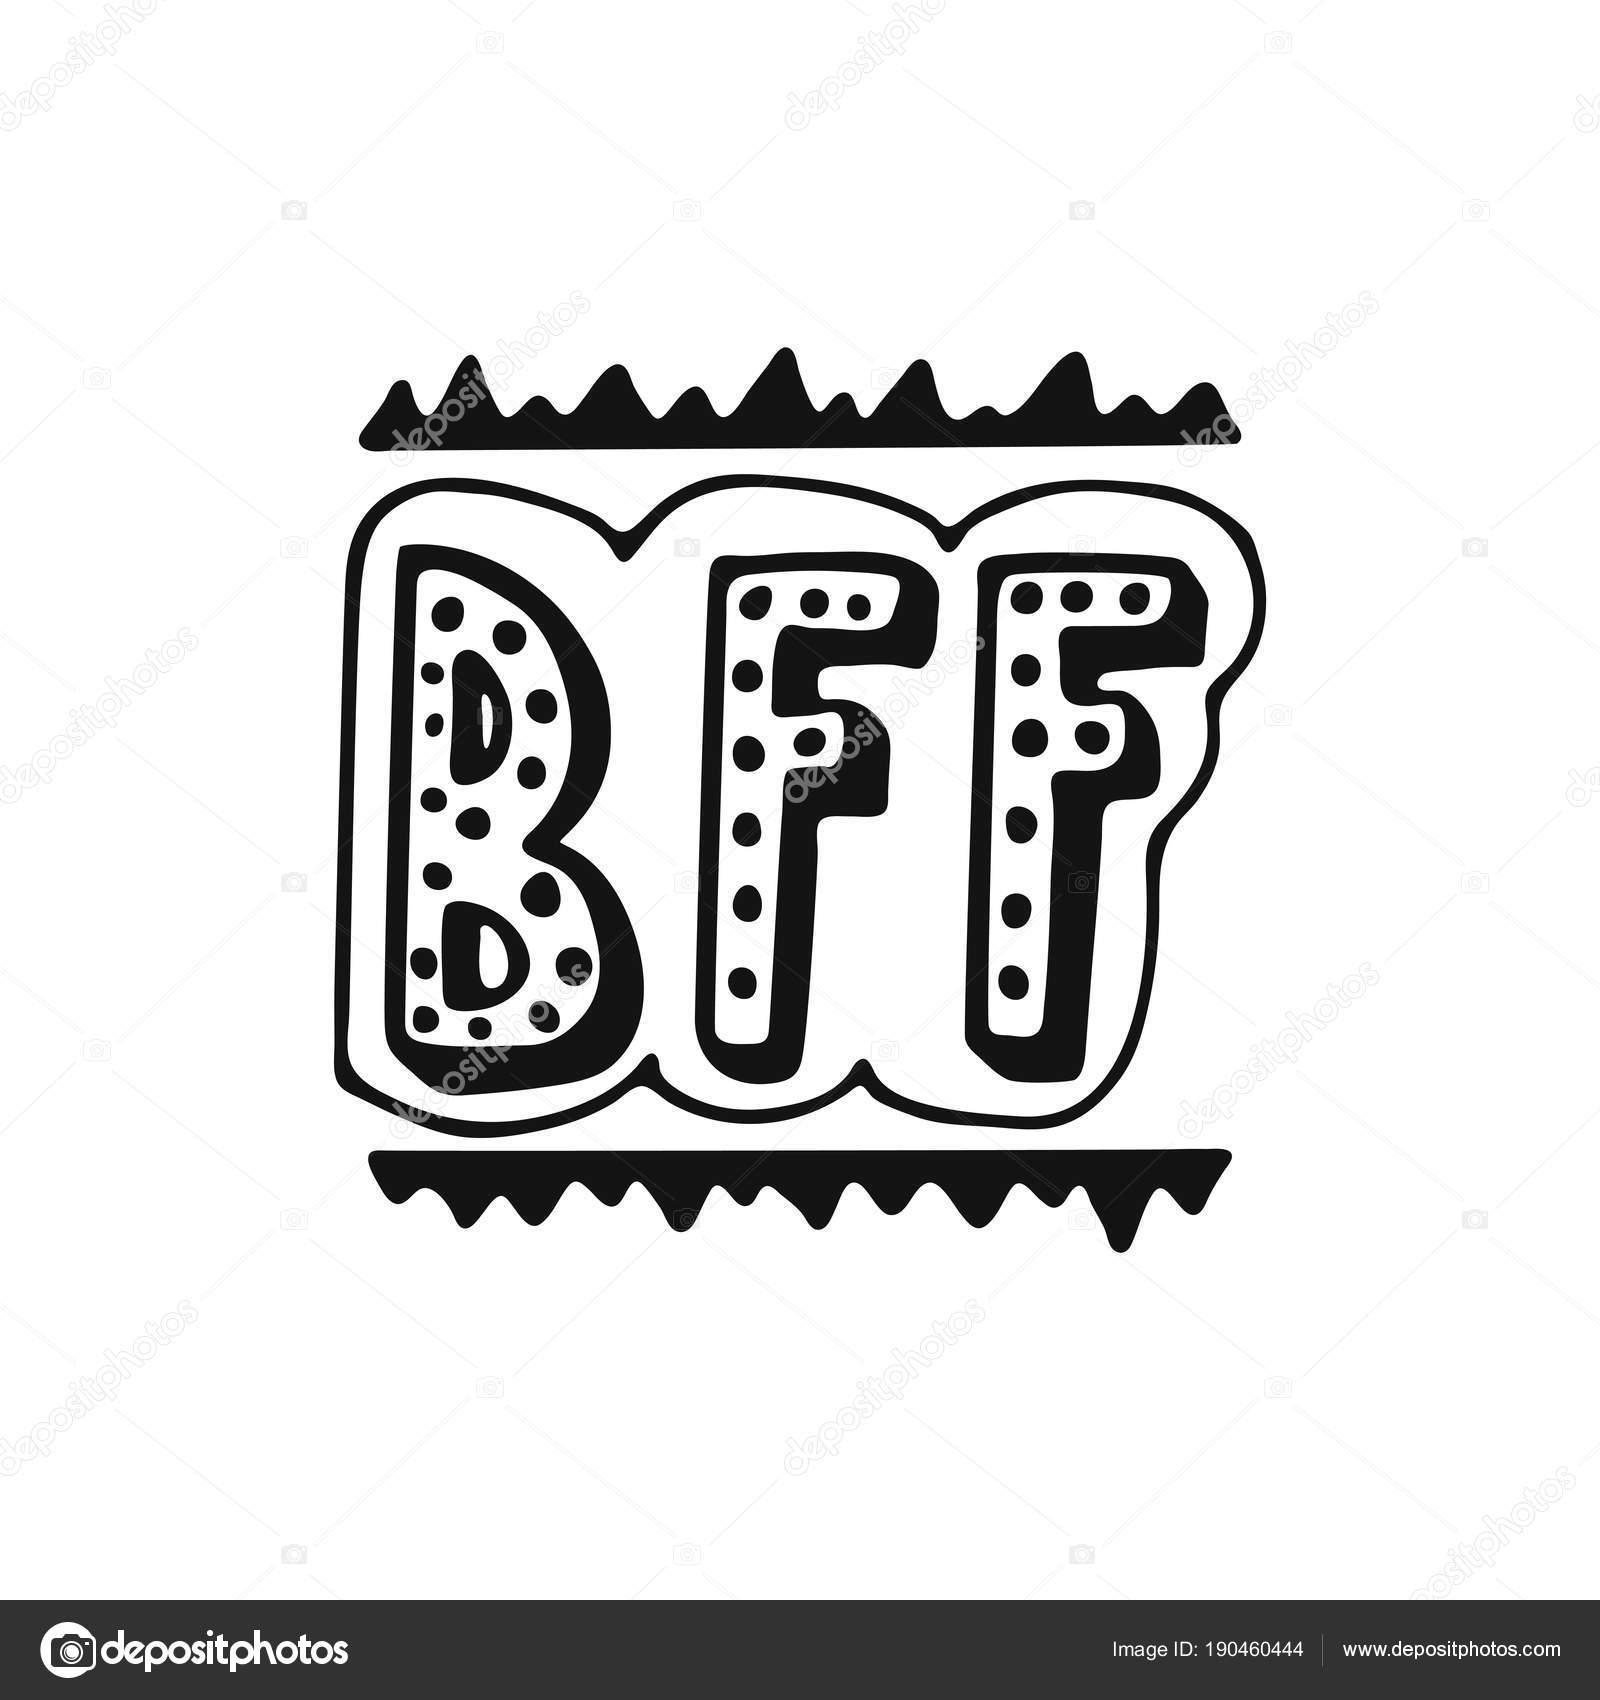 Foto B F F Bff